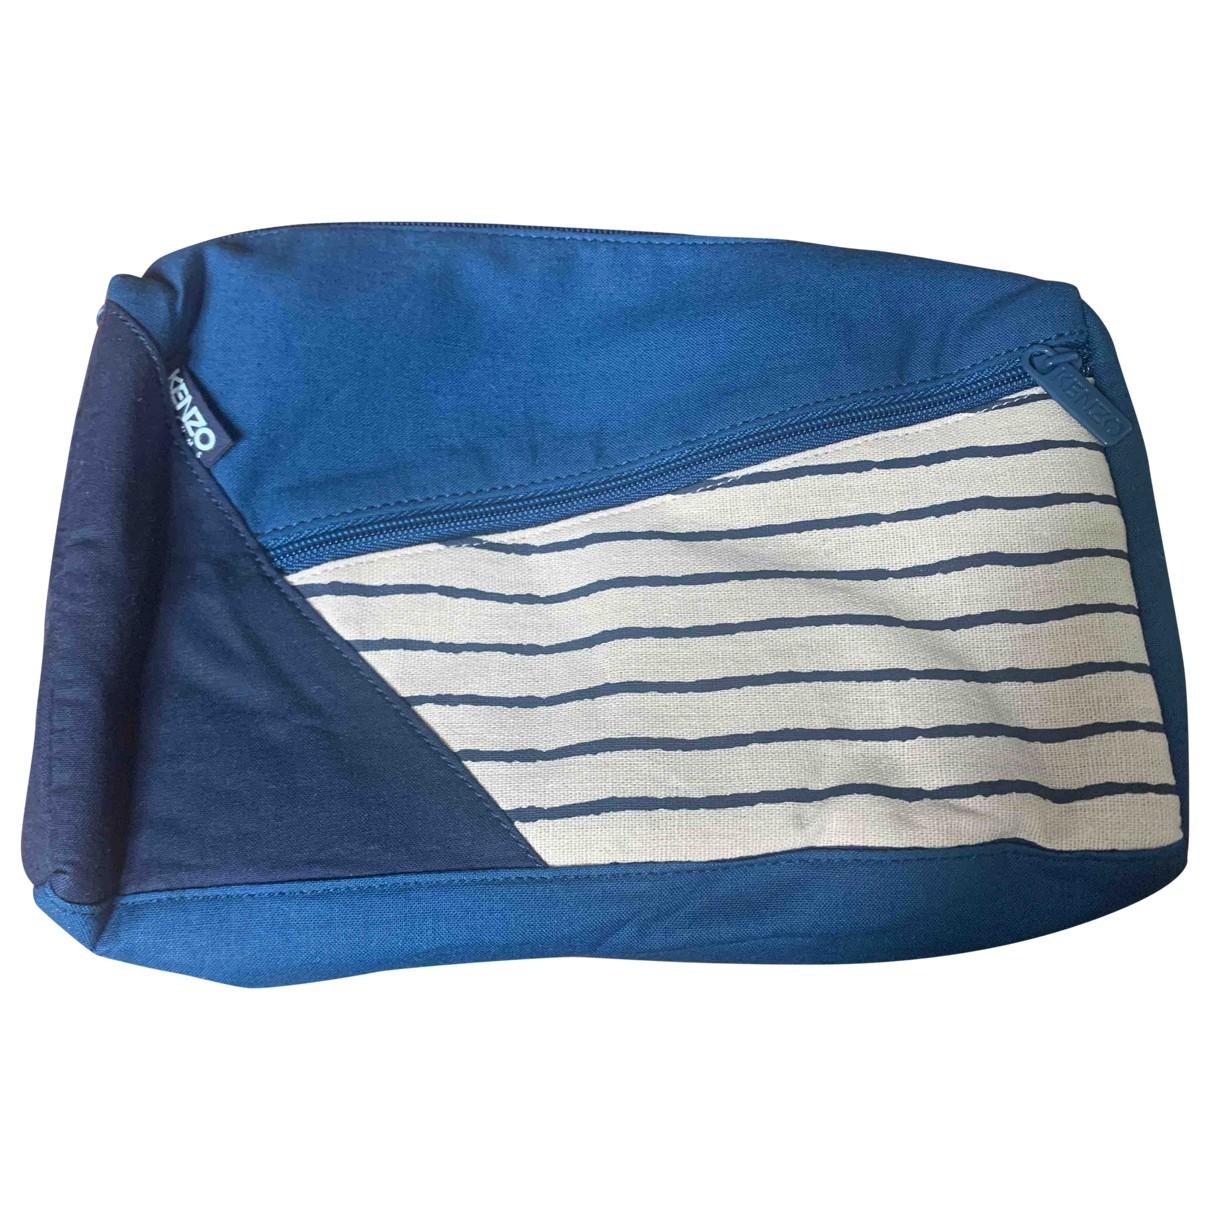 Kenzo - Petite maroquinerie   pour homme - bleu